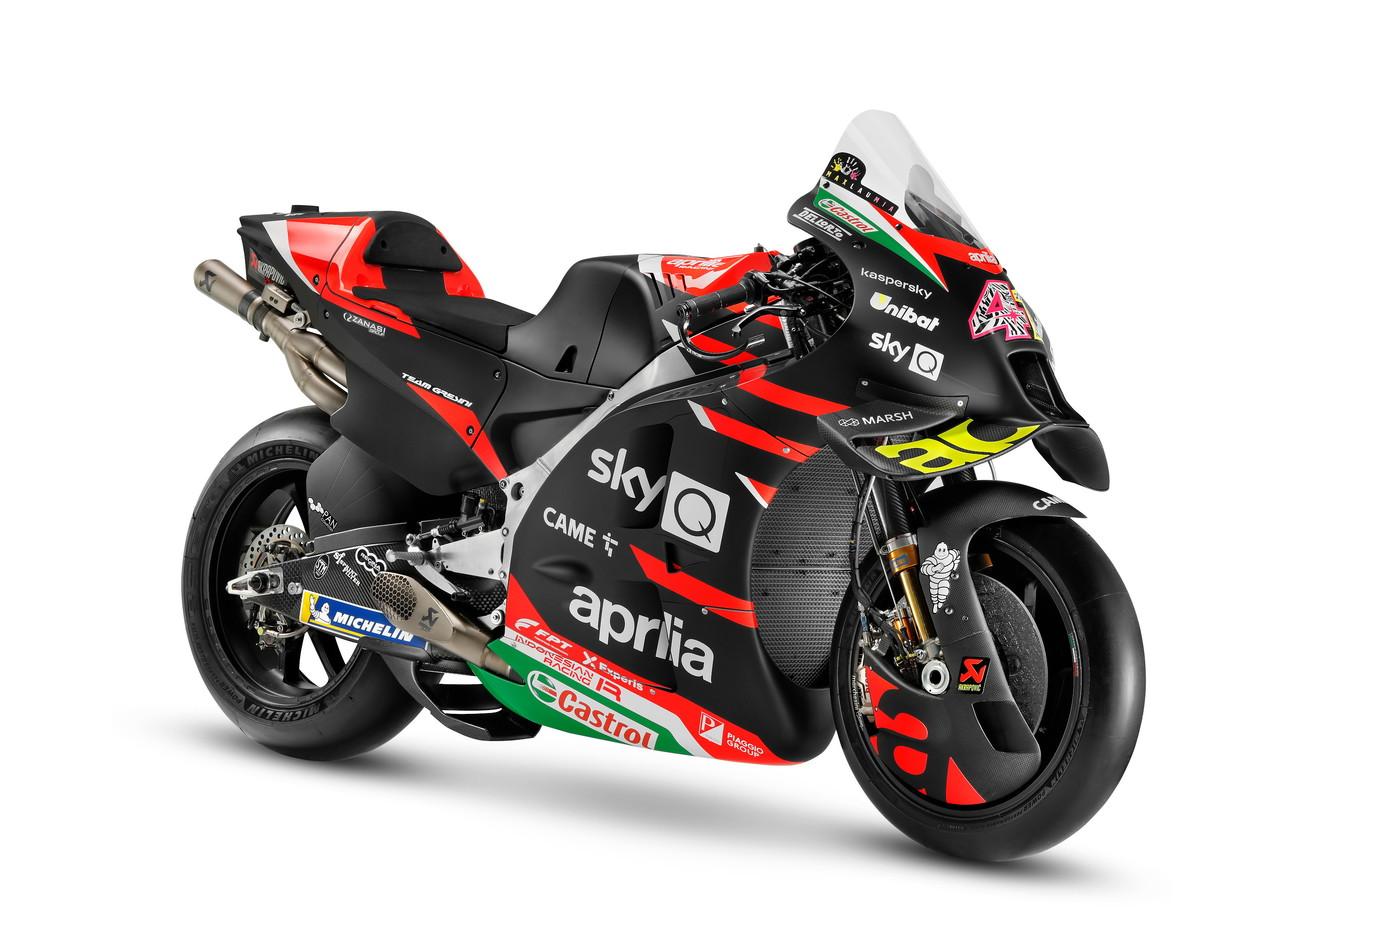 Prende il via sull&#39;asfalto del Circuito di Losail, in Qatar, la stagione MotoGP 2021 dell&#39;Aprilia Racing Team Gresini. Poche ora prima di scendere in pista per i primi test ufficiali, la squadra italiana al completo ha svelato la nuova arma di Noale, una rinnovata RS-GP. con un pensiero sincero e commosso a Fausto Gresini.<br /><br />